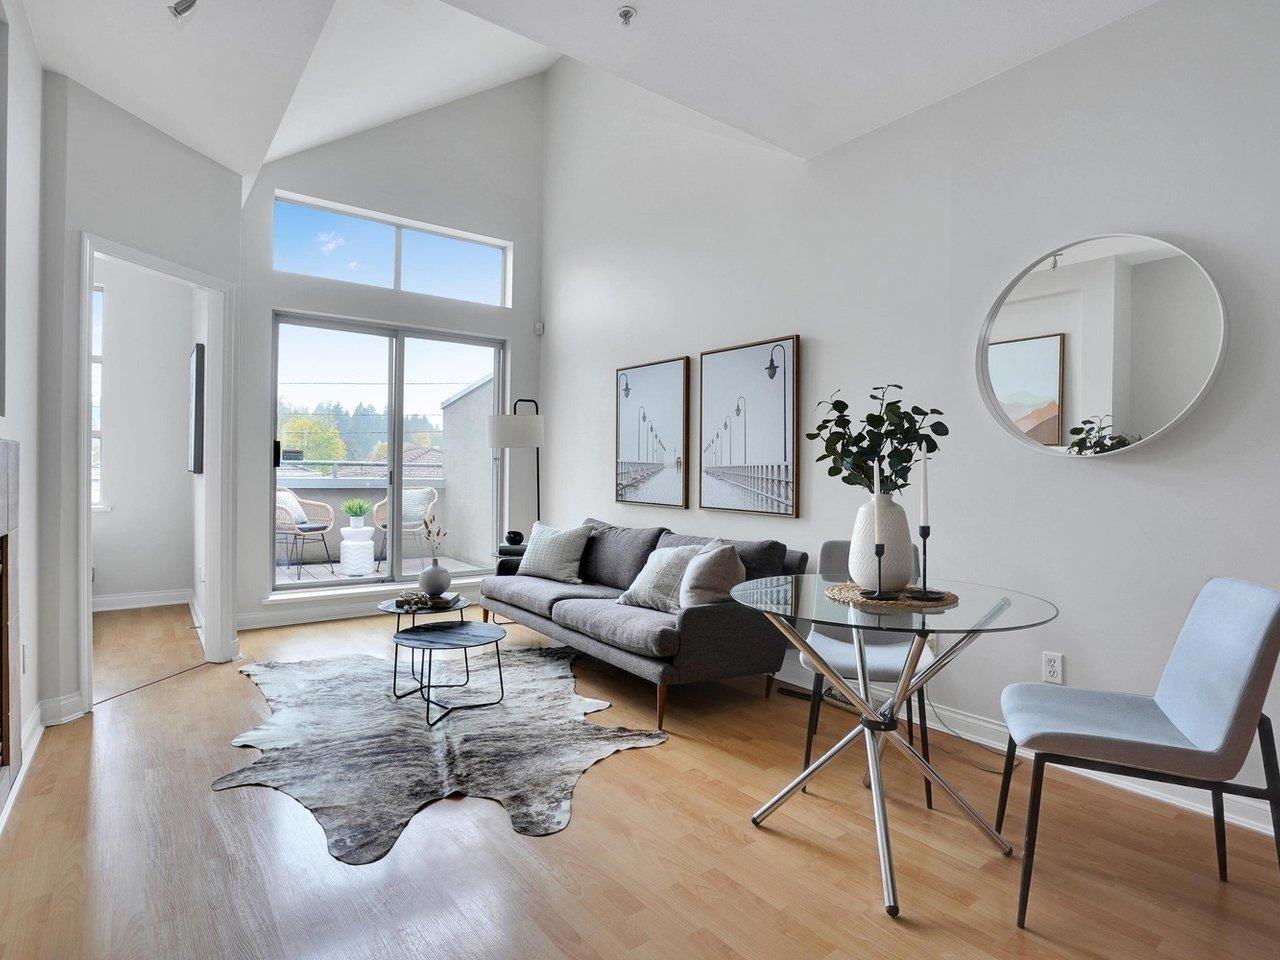 208 188 E 33RD AVENUE - Main Apartment/Condo for sale, 2 Bedrooms (R2627965) - #1